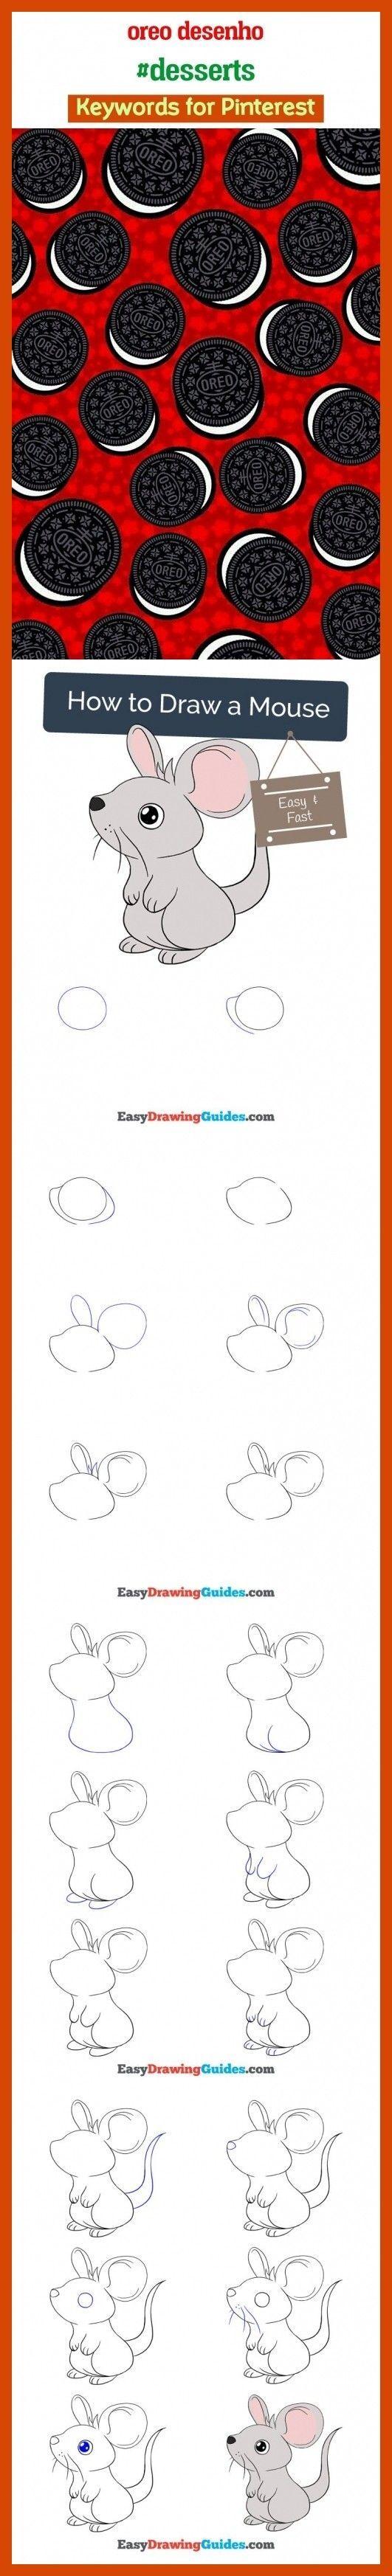 Oreo desenho oreo cookies oreo dessert oreo cheesecake oreo ball oreo